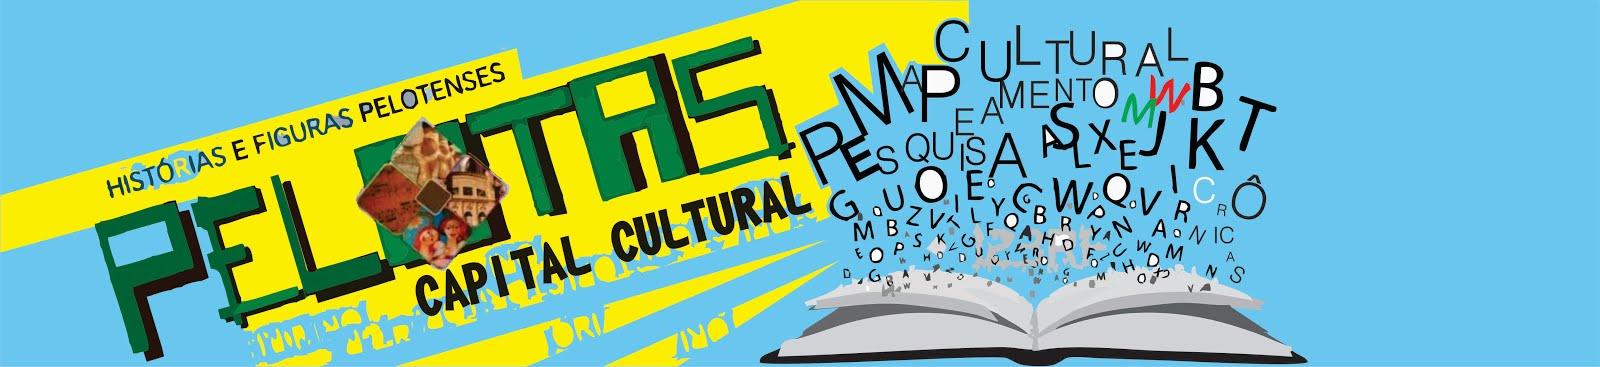 Pelotas, Capital Cultural